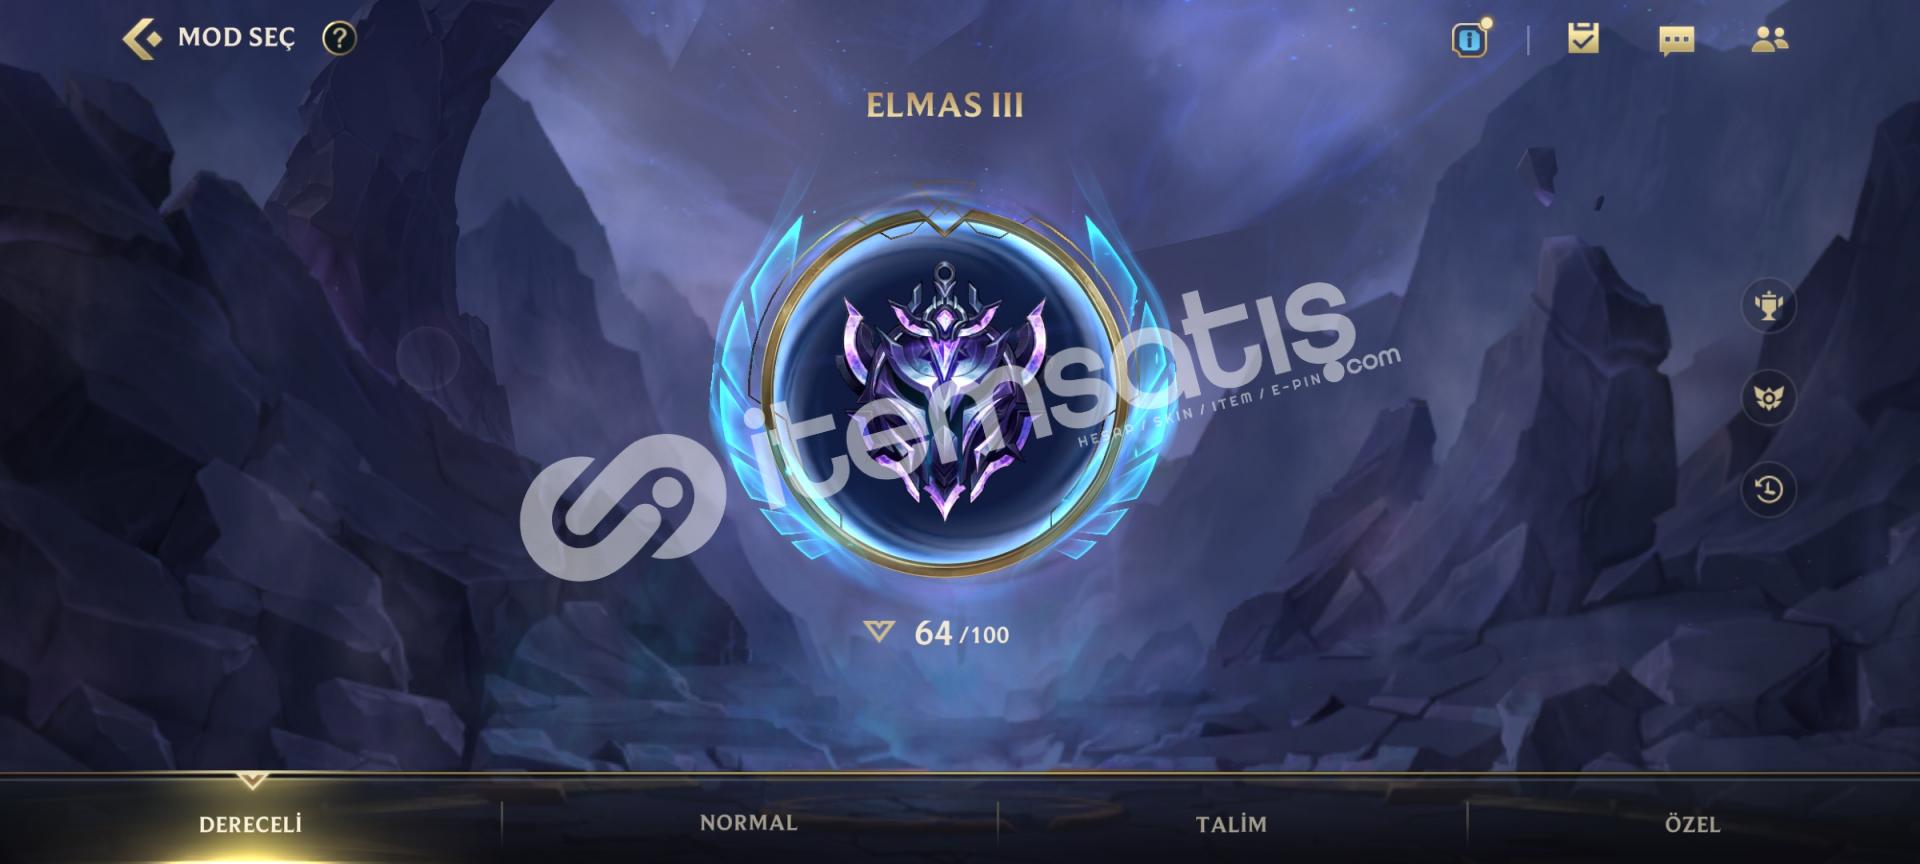 ELMAS 3